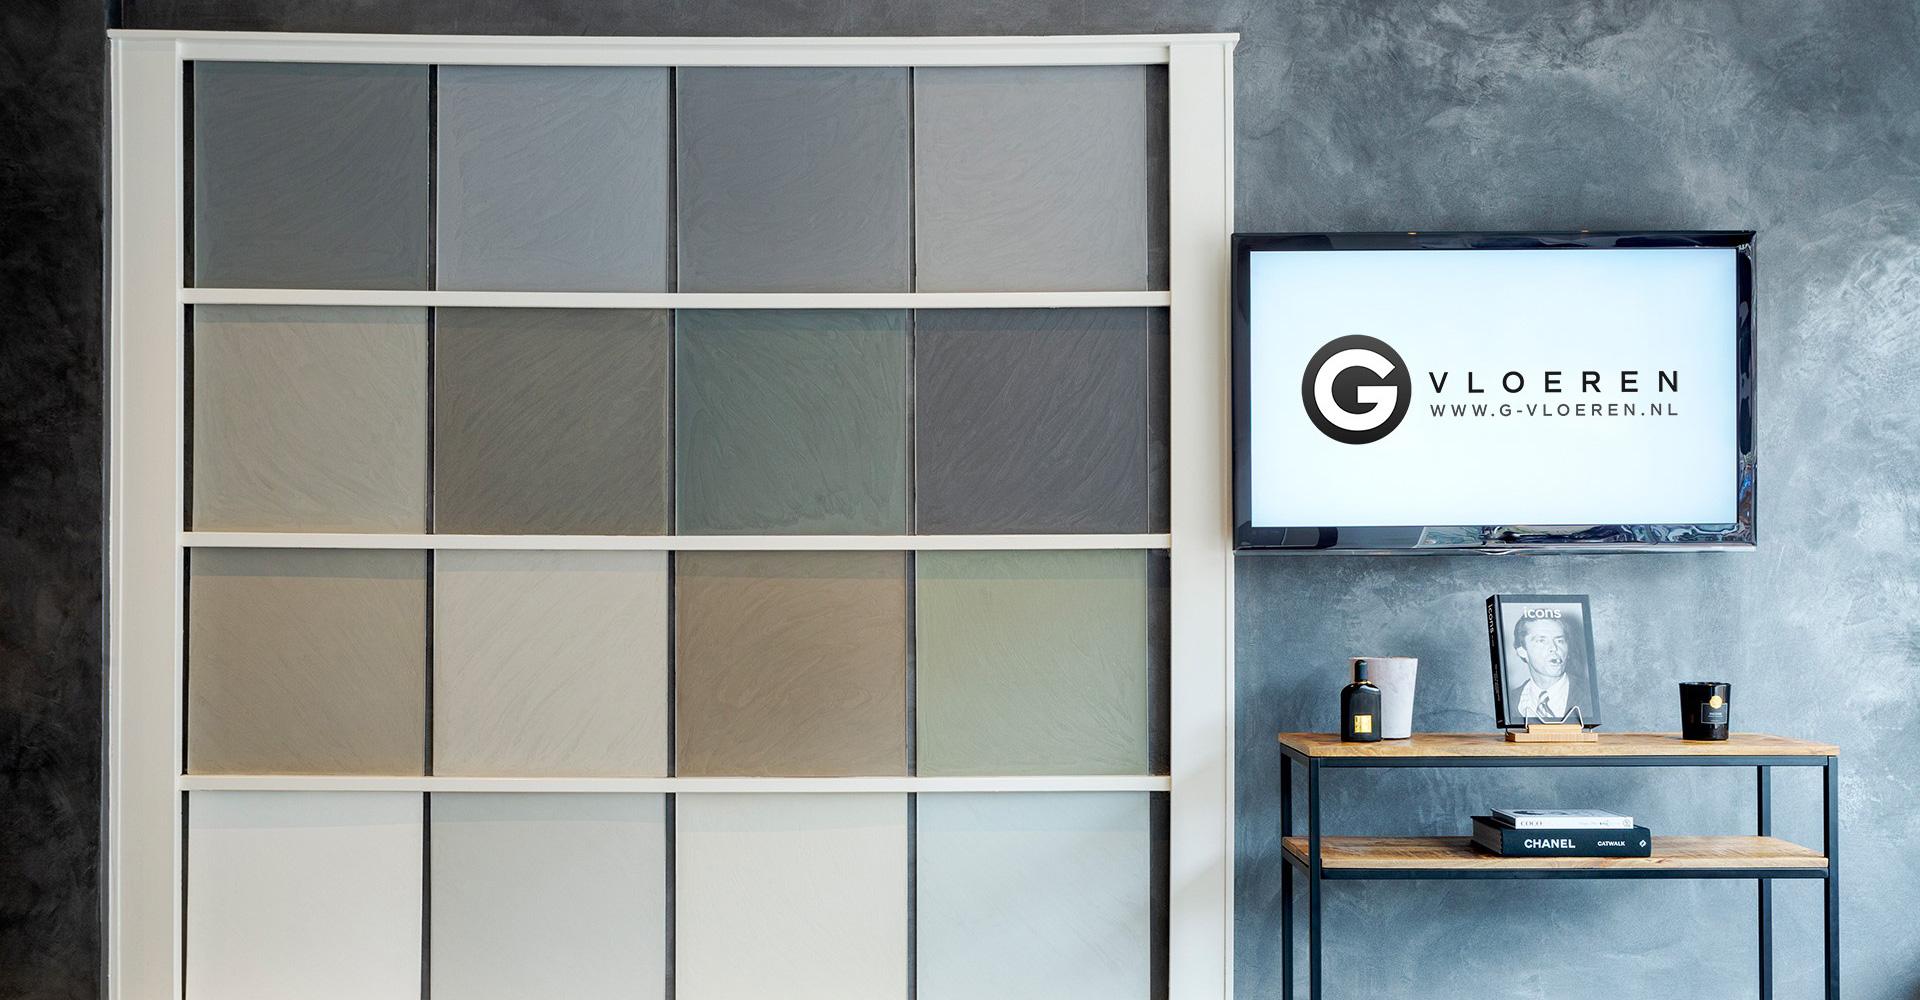 G-vloeren showroom kleuren